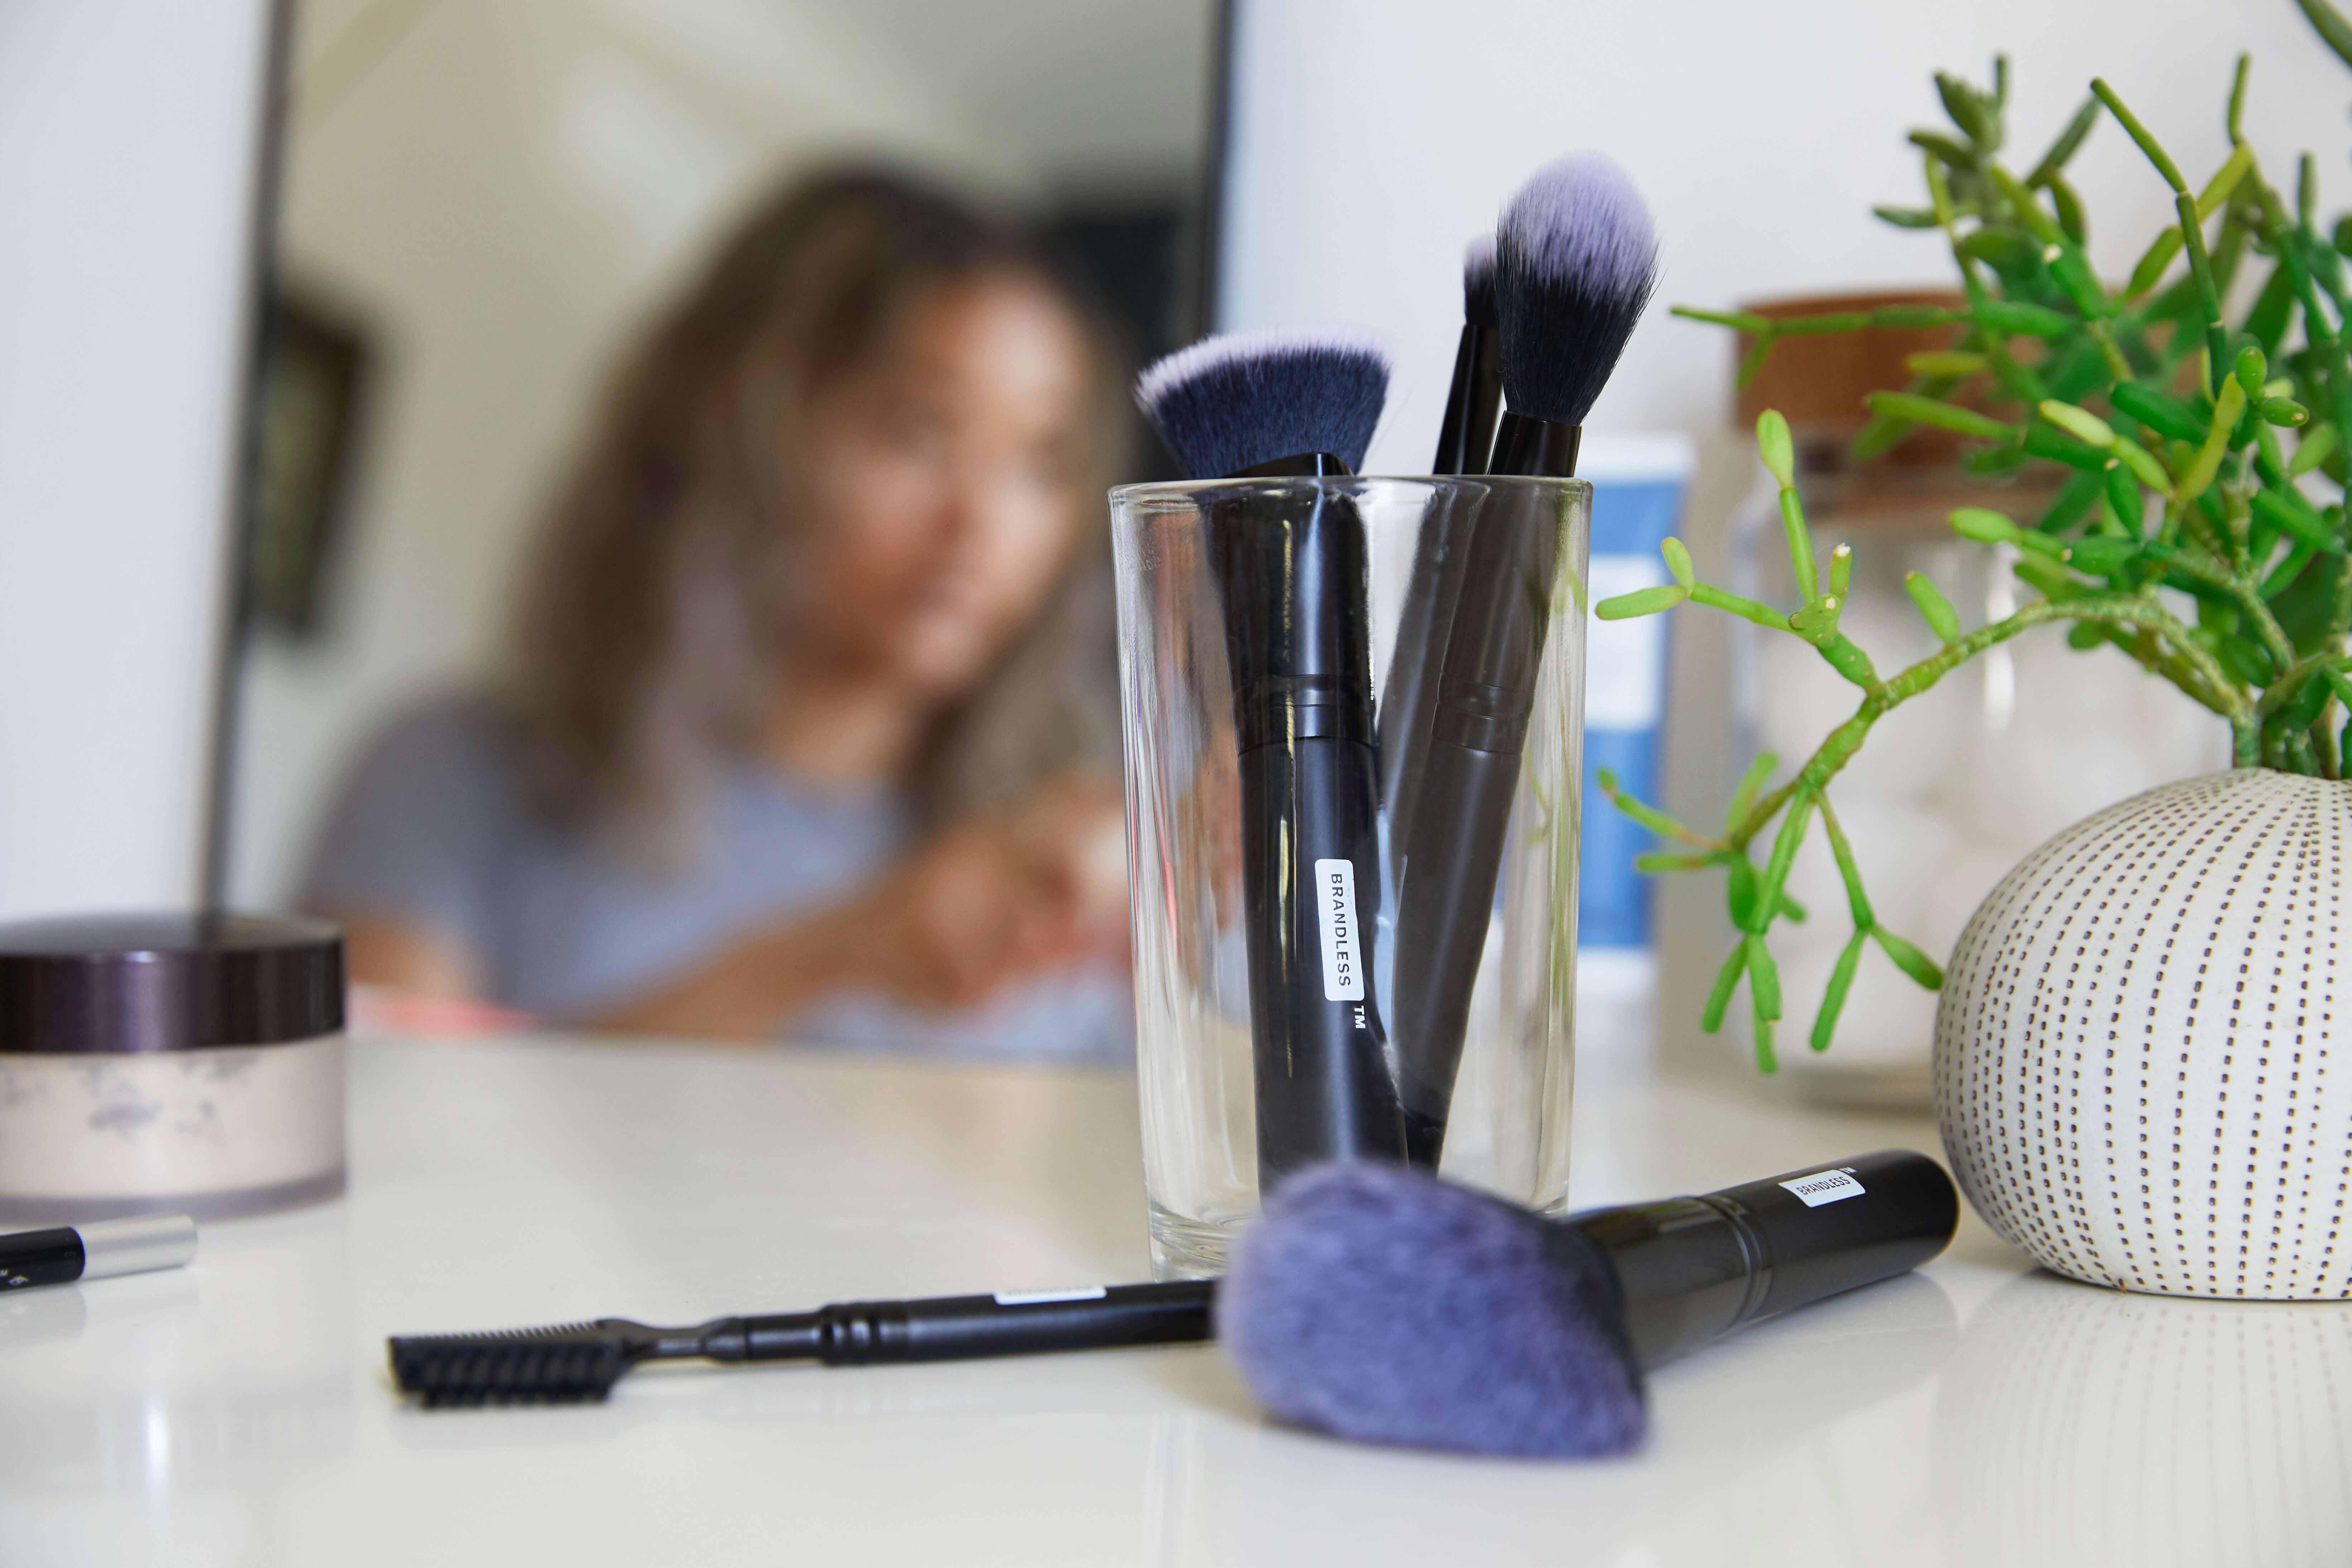 Realidad Aumentada (AR): ¿Futuro del sector de belleza?